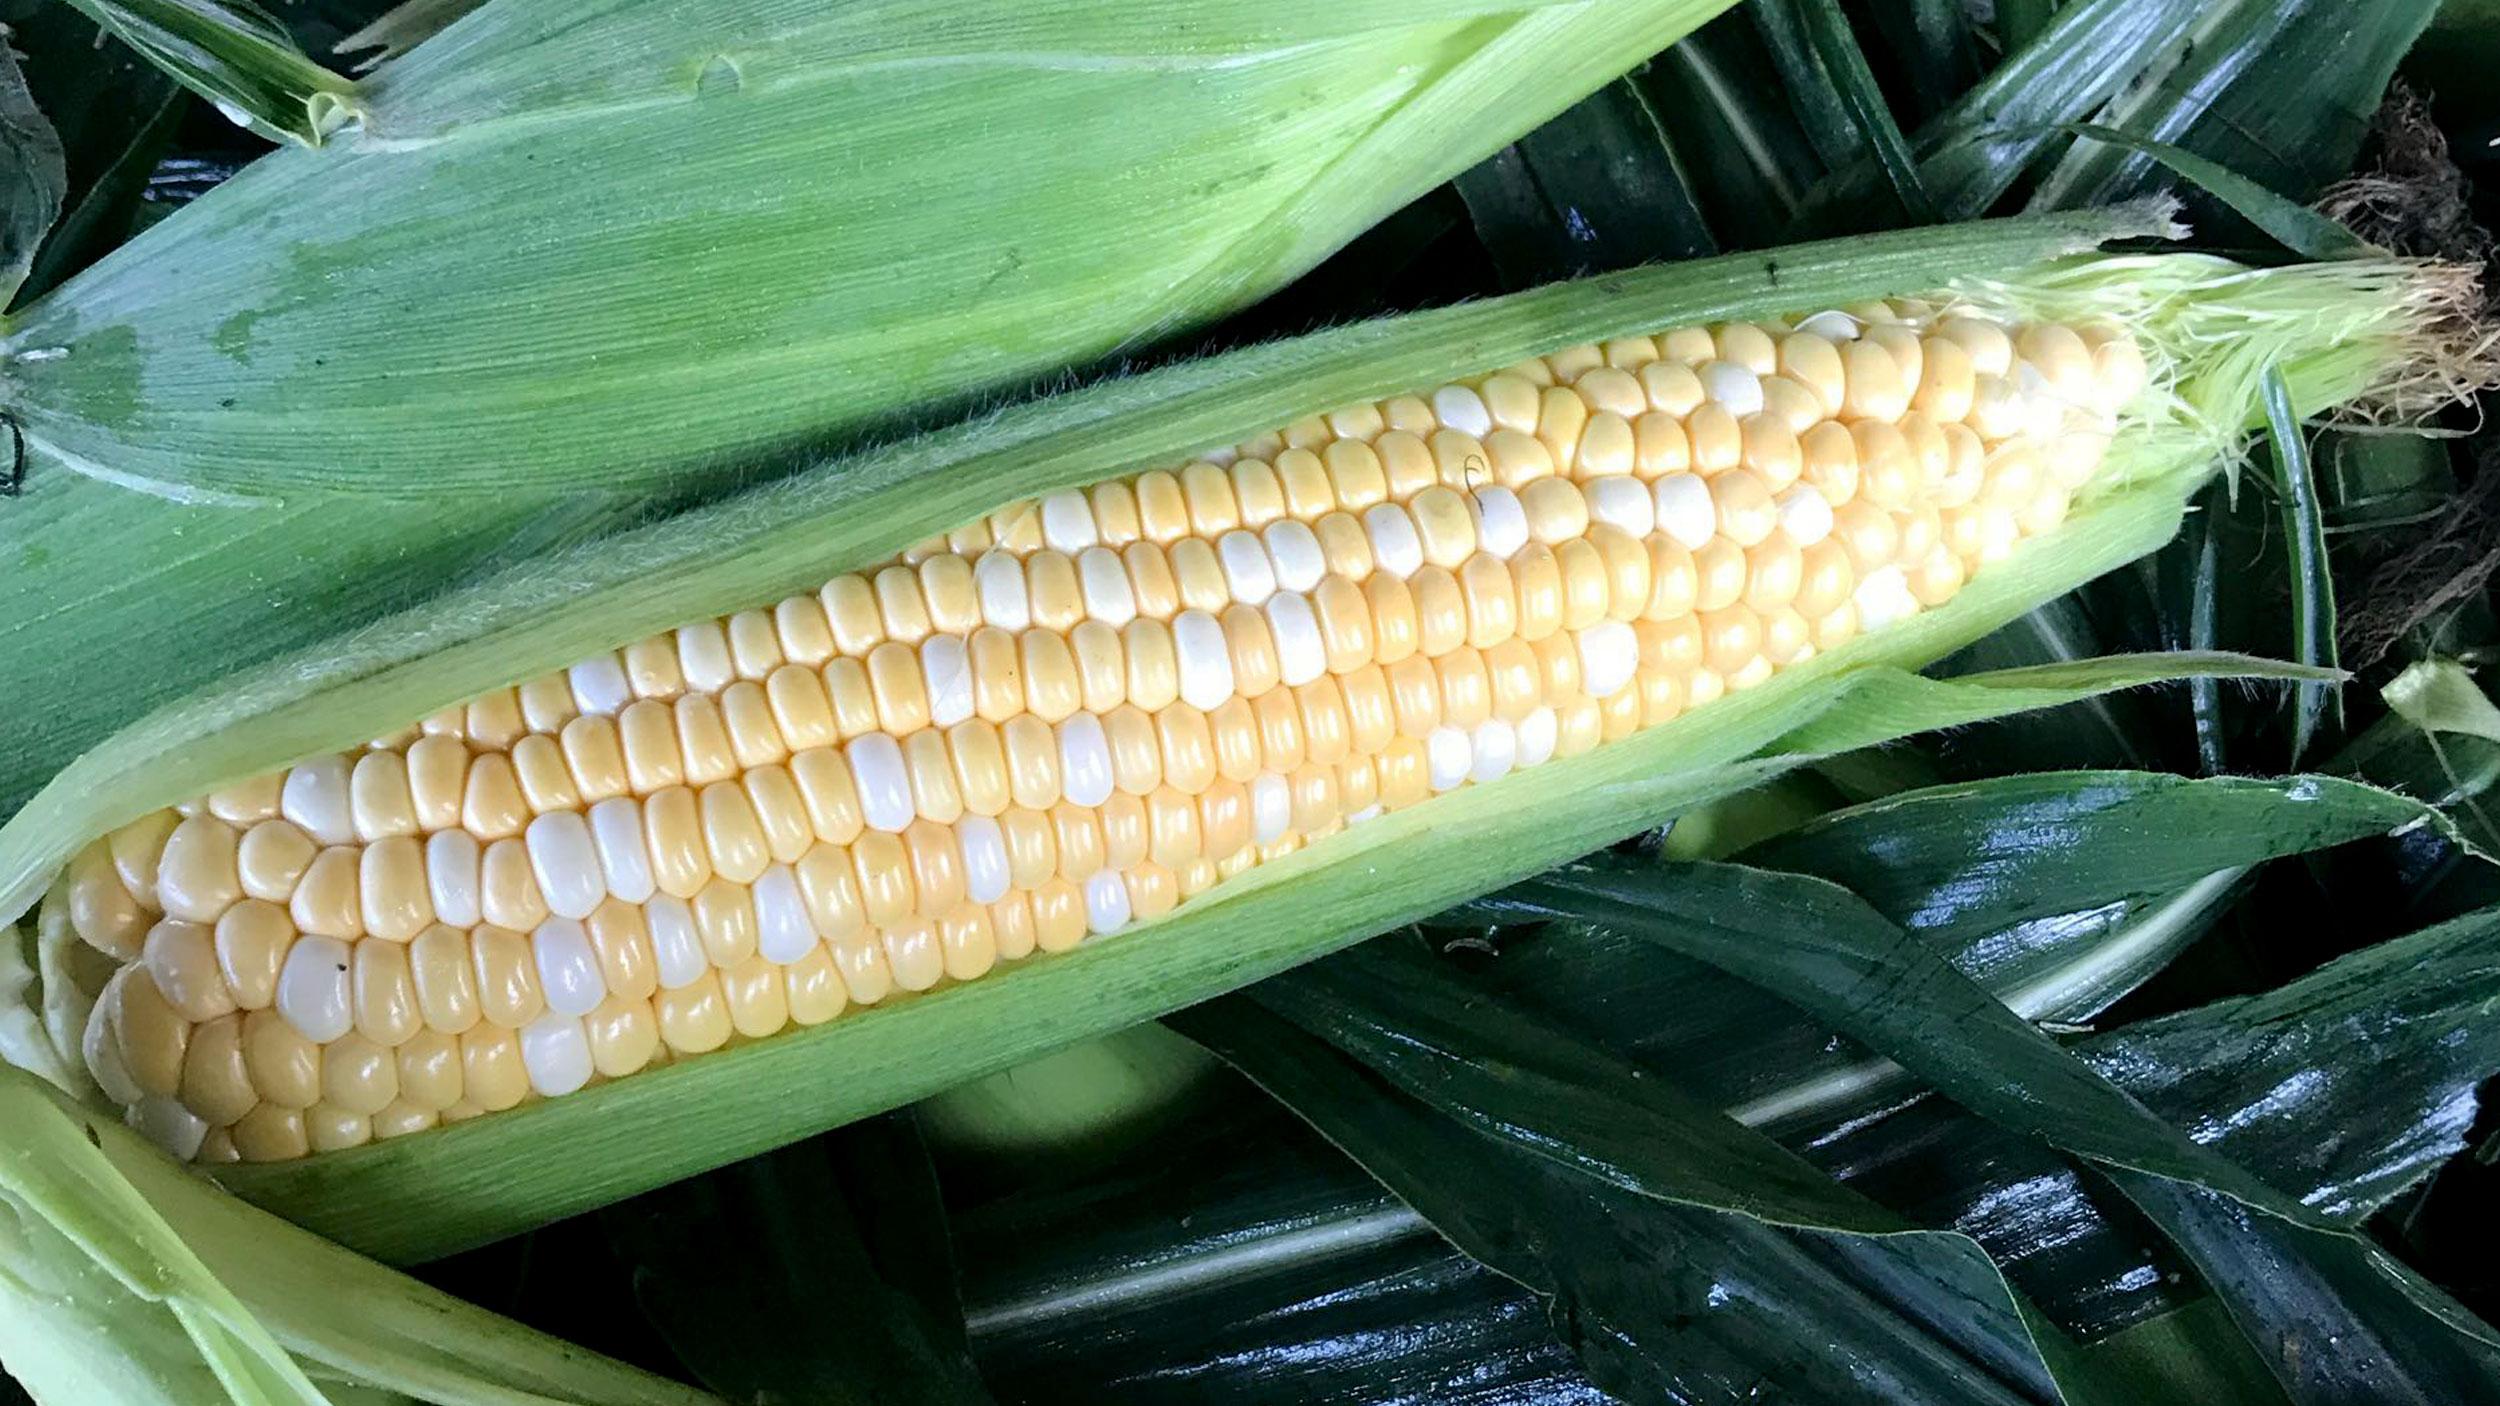 Sweet corn half shucked